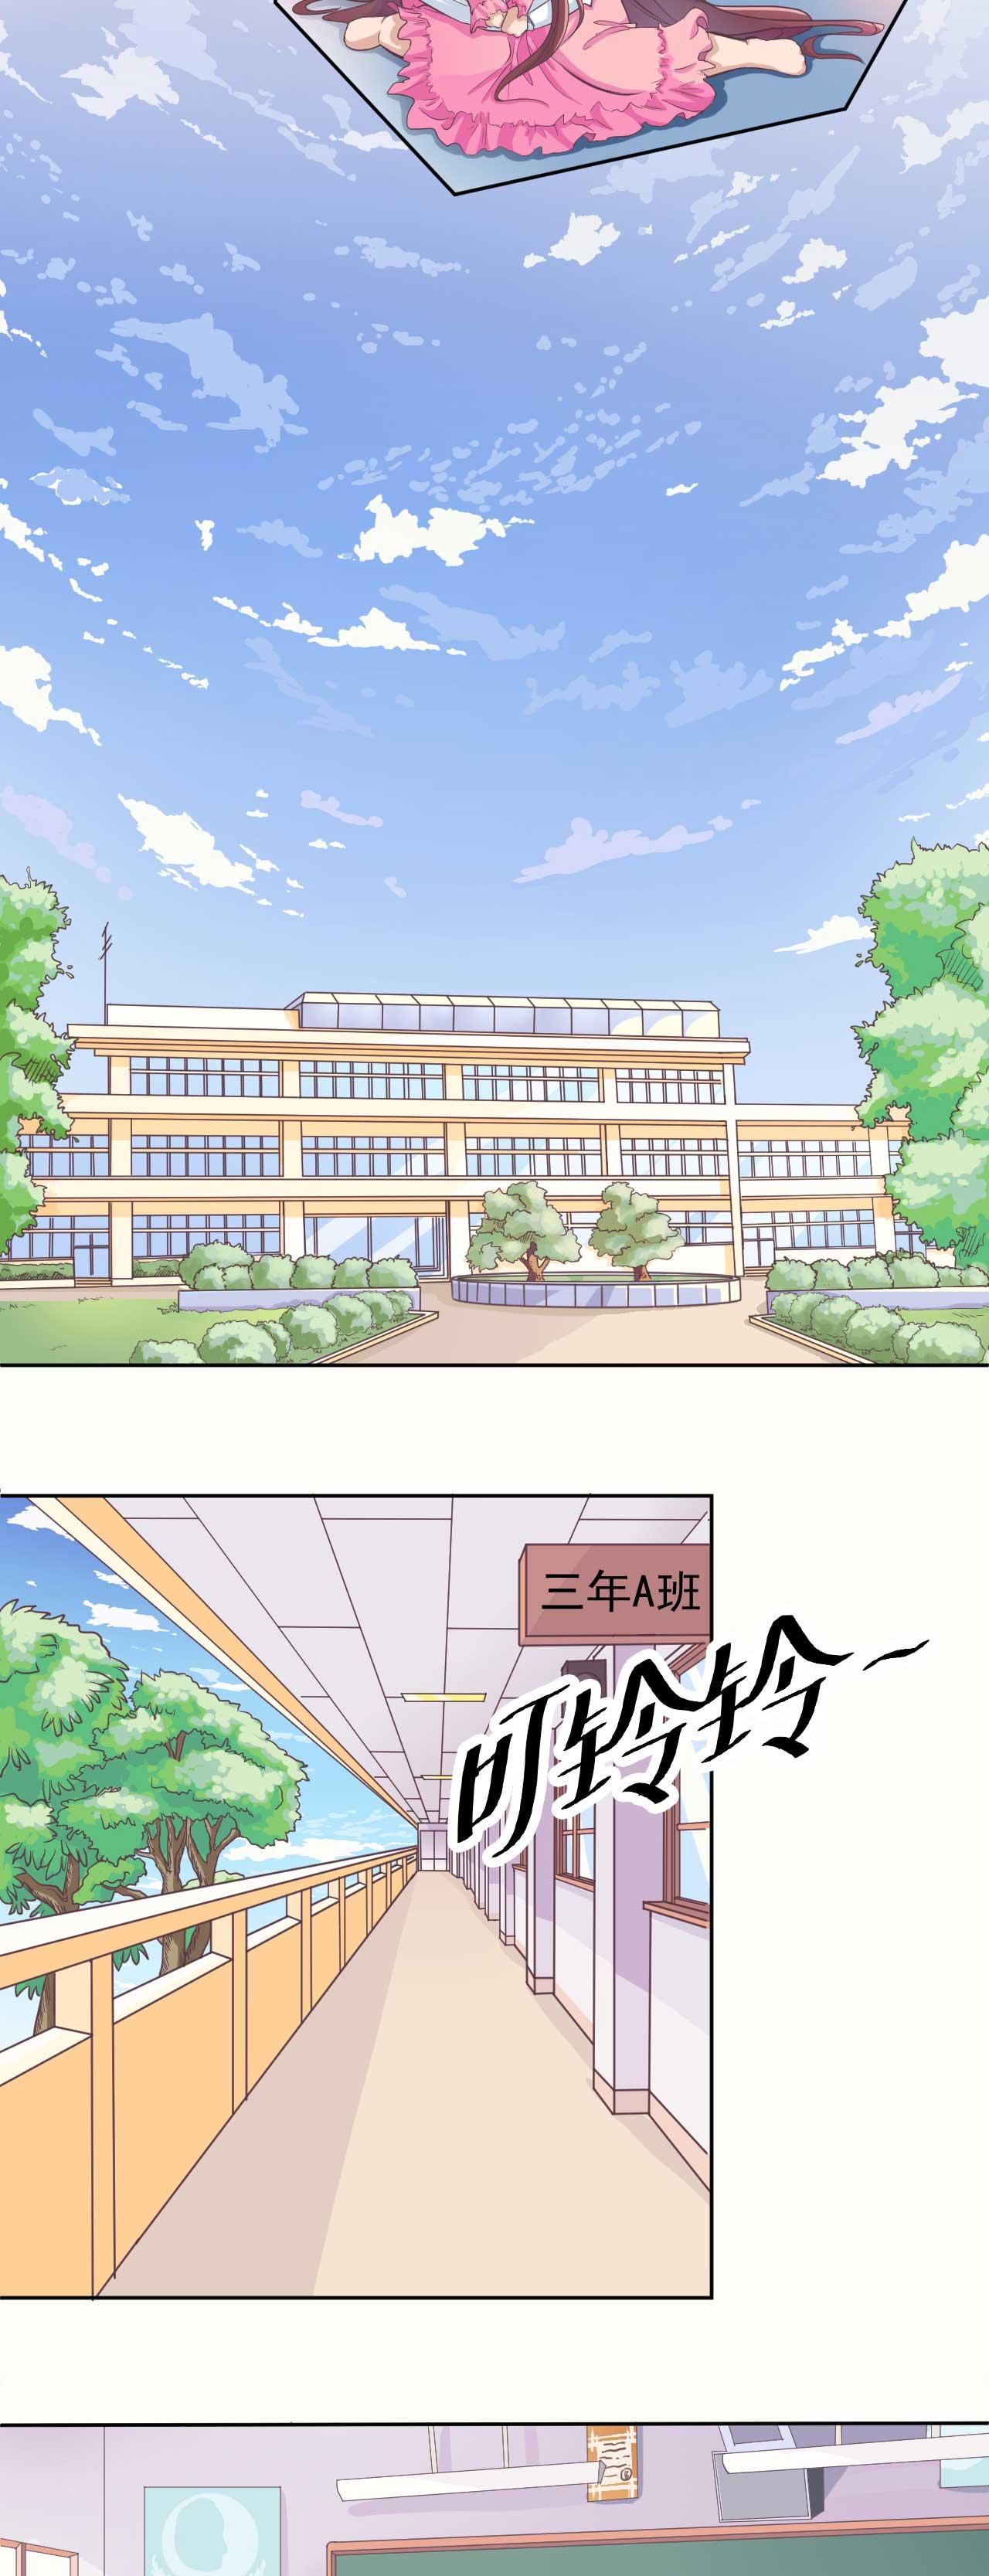 《夏日密语》漫画 - 夏日密语全集在线阅读